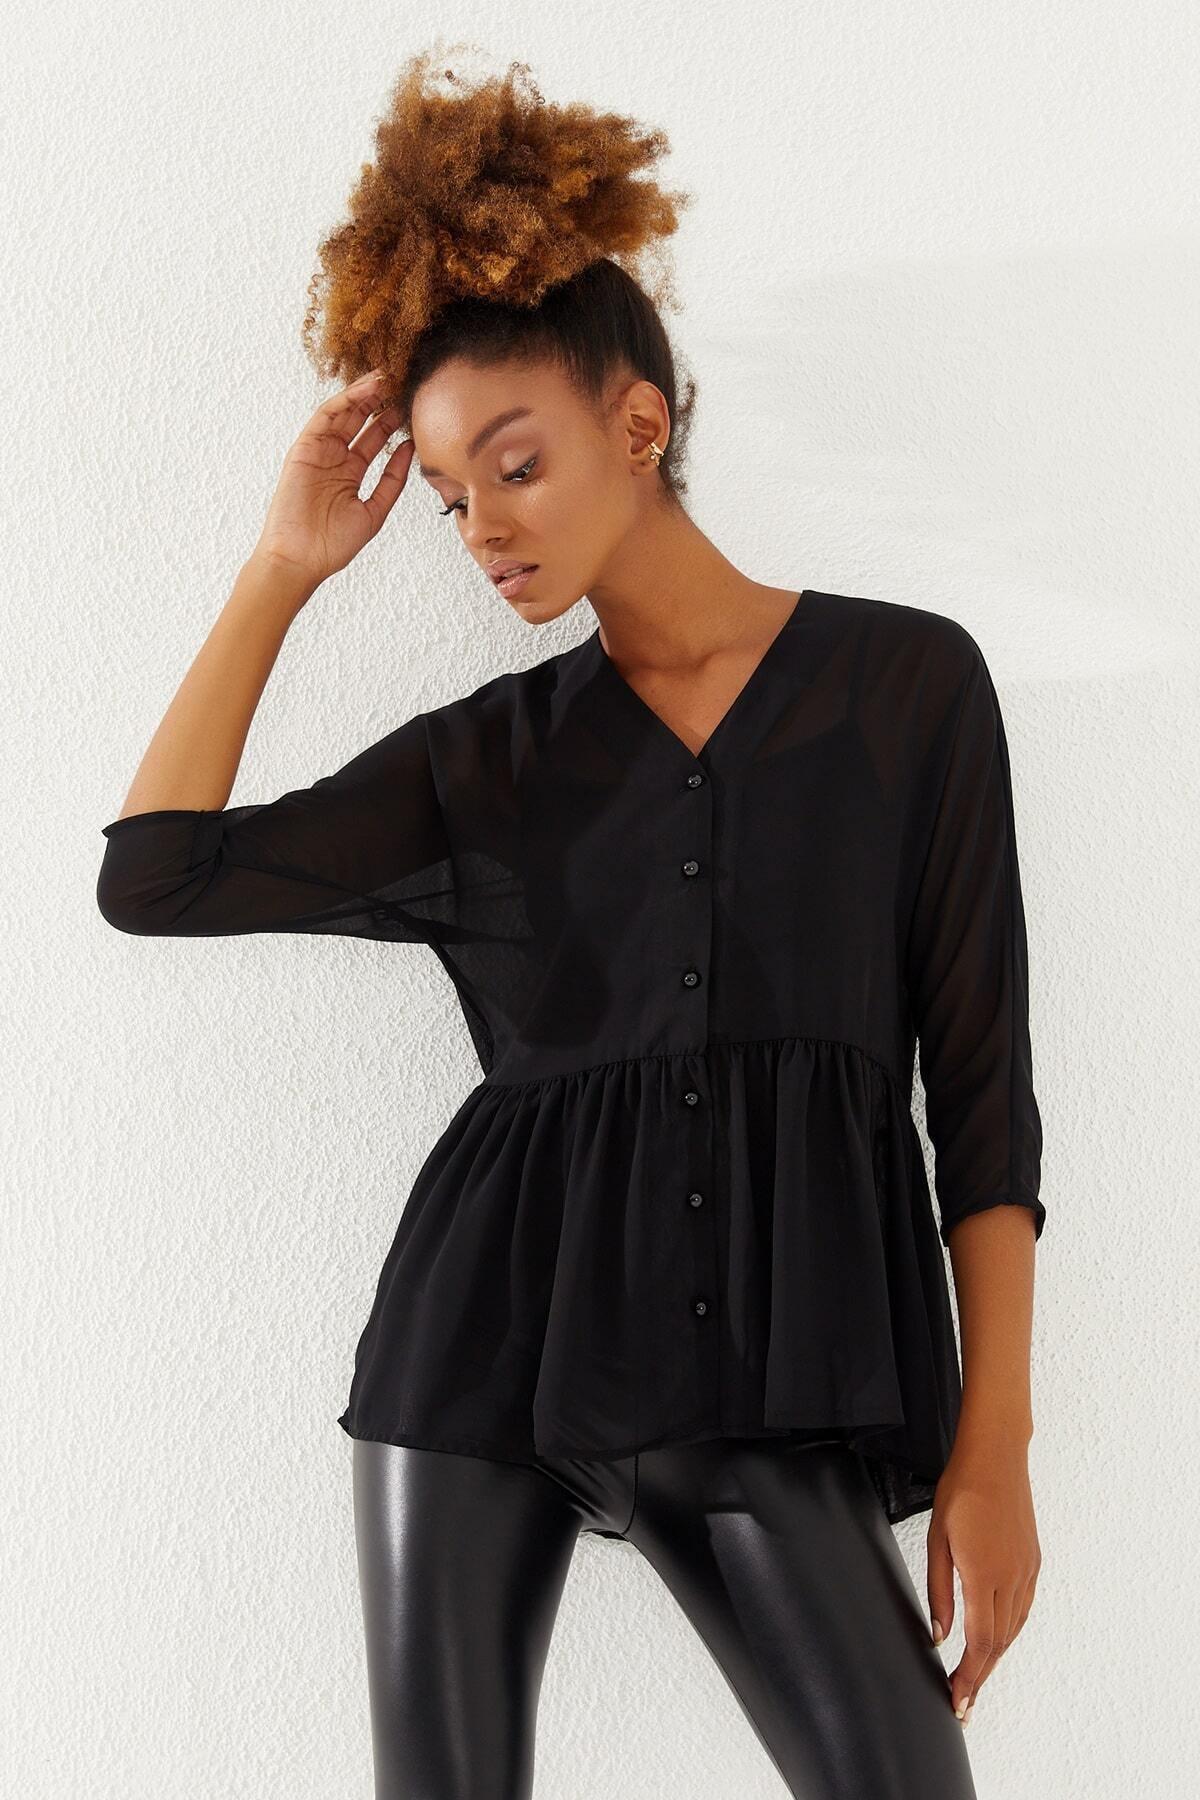 Kadın Siyah V Yaka Düğmeli Şifon Bluz  20237001D3D